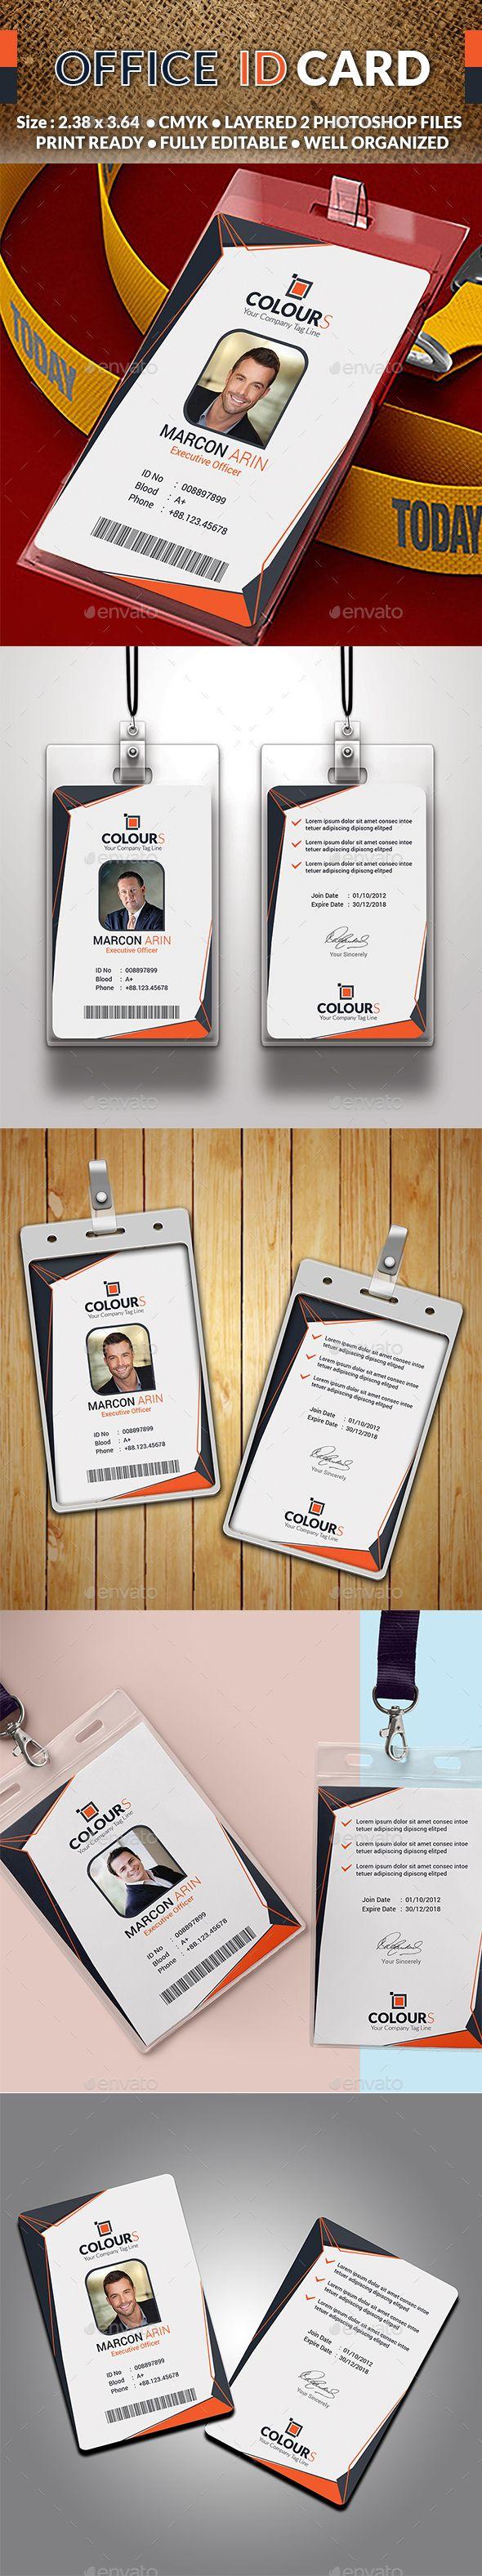 Office ID Card | Pinterest | Tarjetas de presentación, Guia para y ...